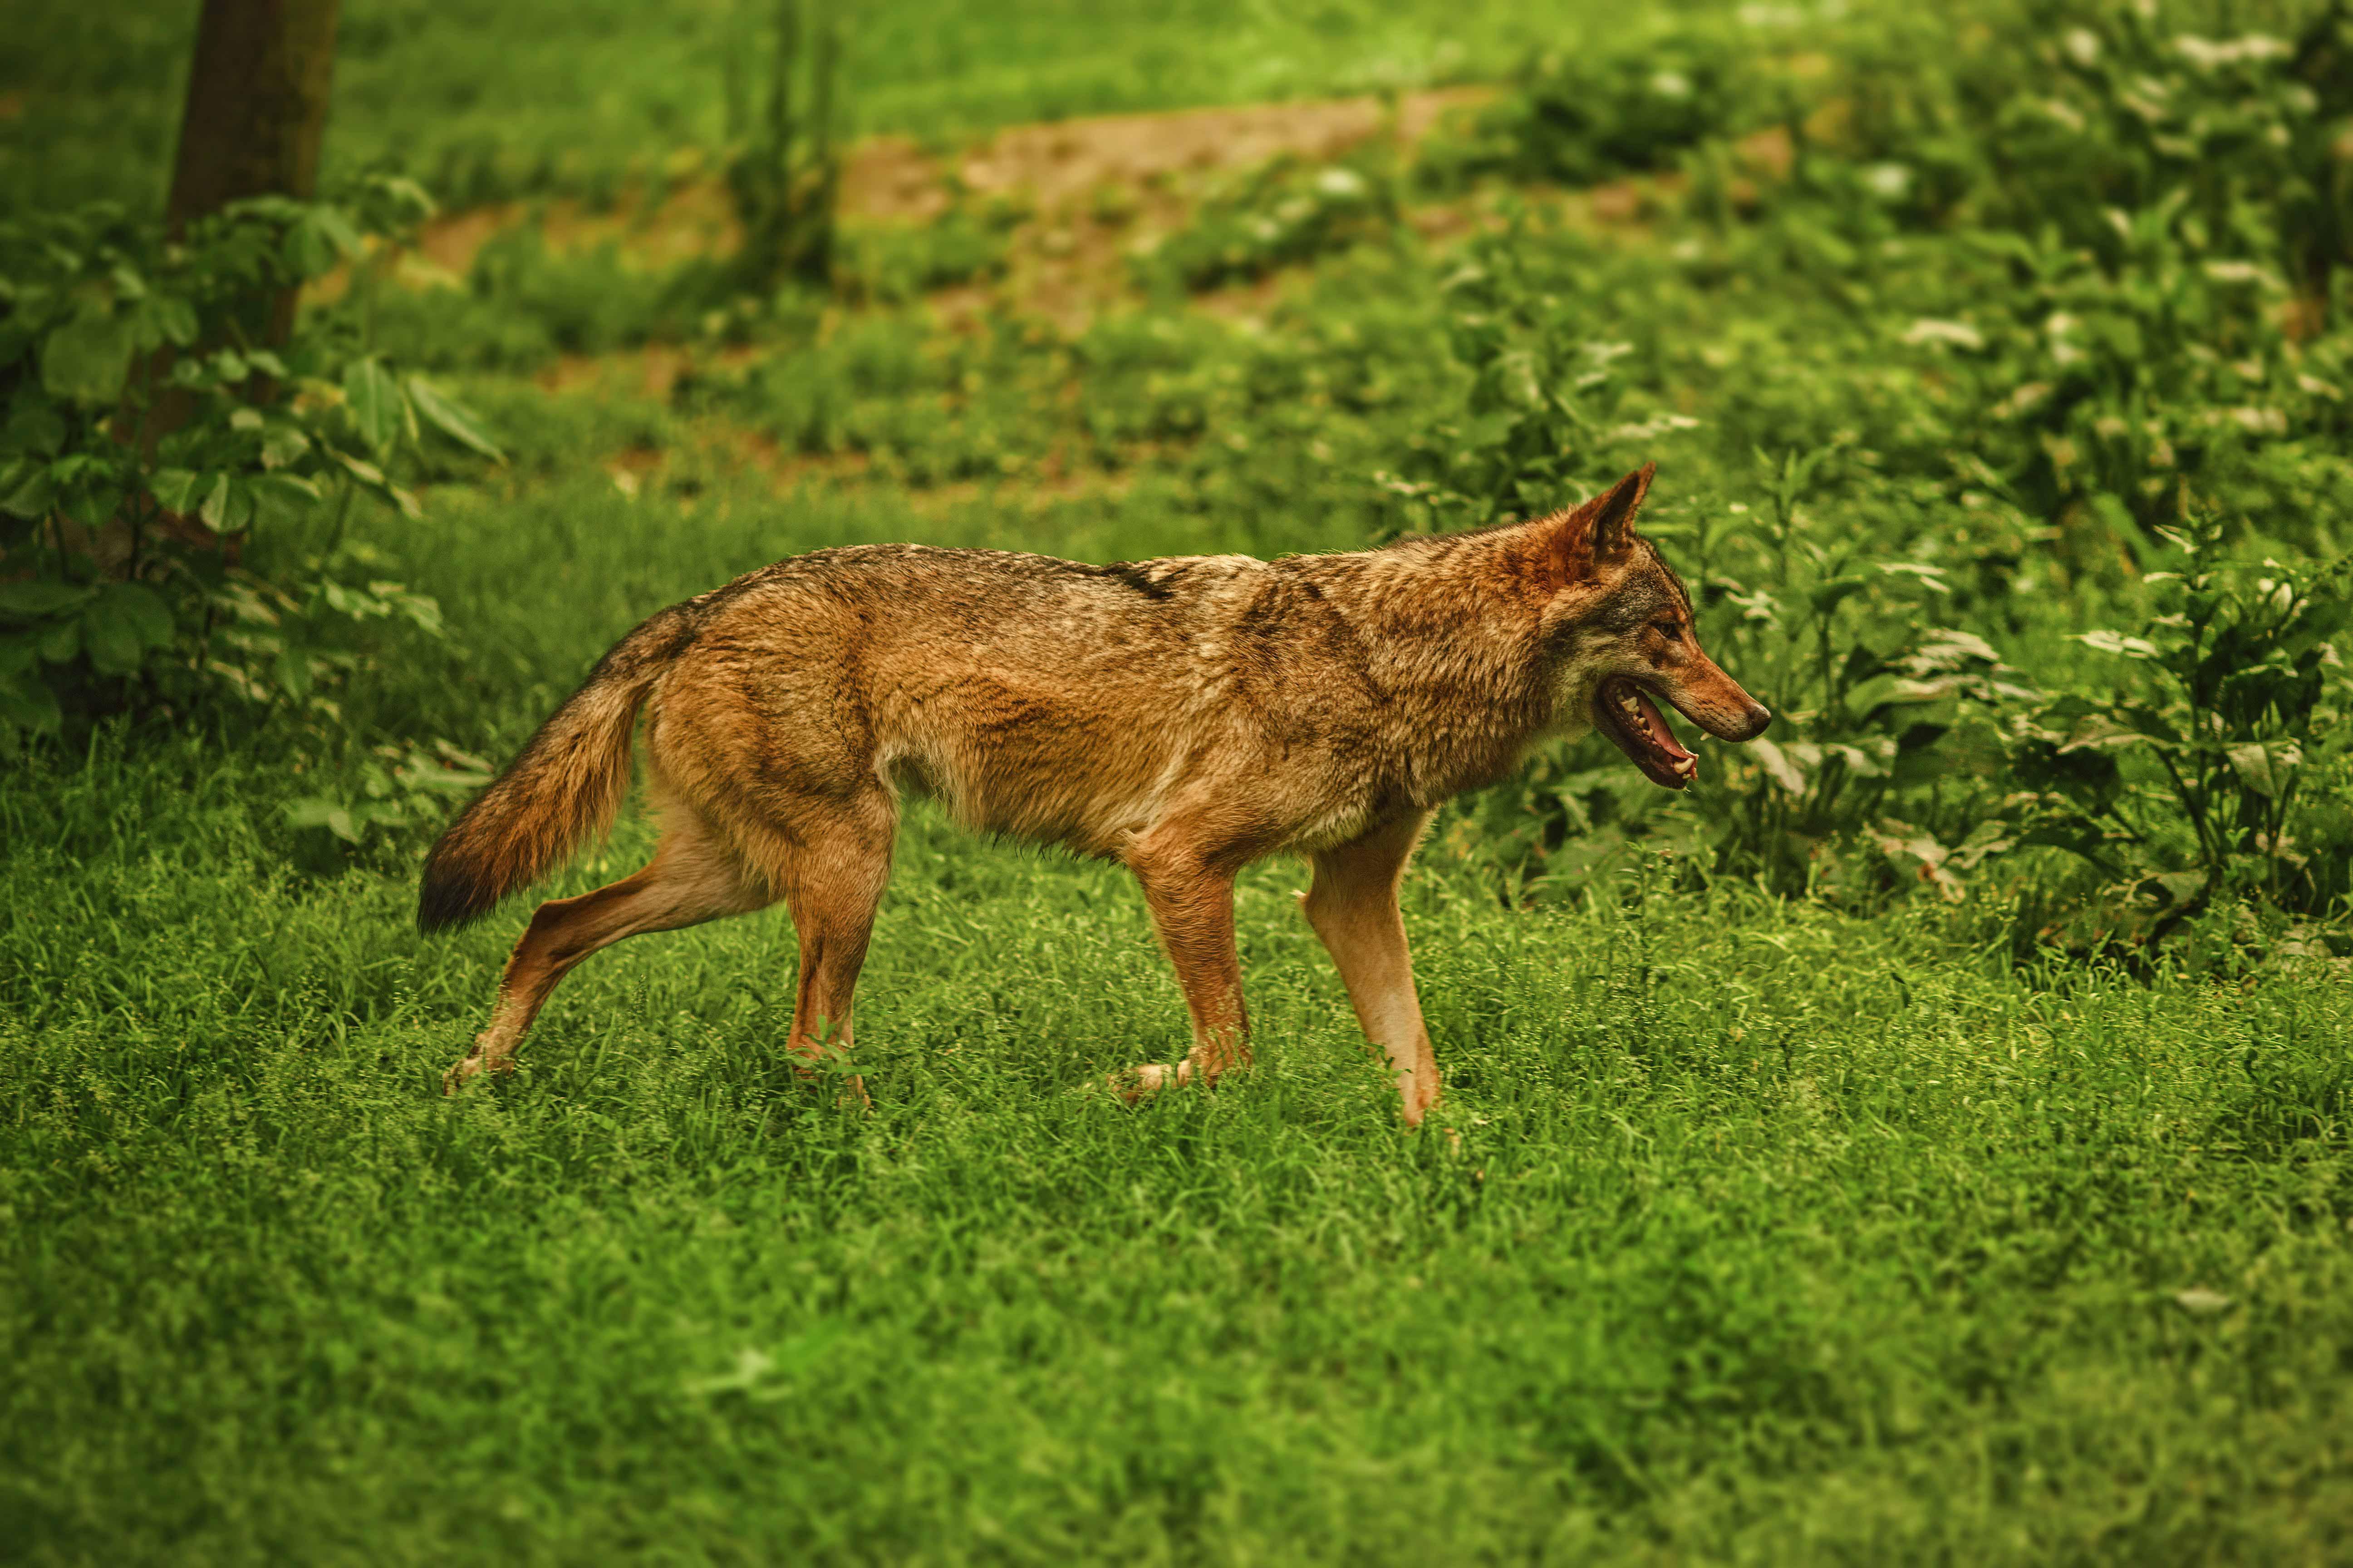 Seit der Wolf wieder wandert, steigen die Wolfskosten in Deutschland rasant. Dr. Nina Krüger hat sich einmal angeschaut, was der Wolf die Länder kostet.